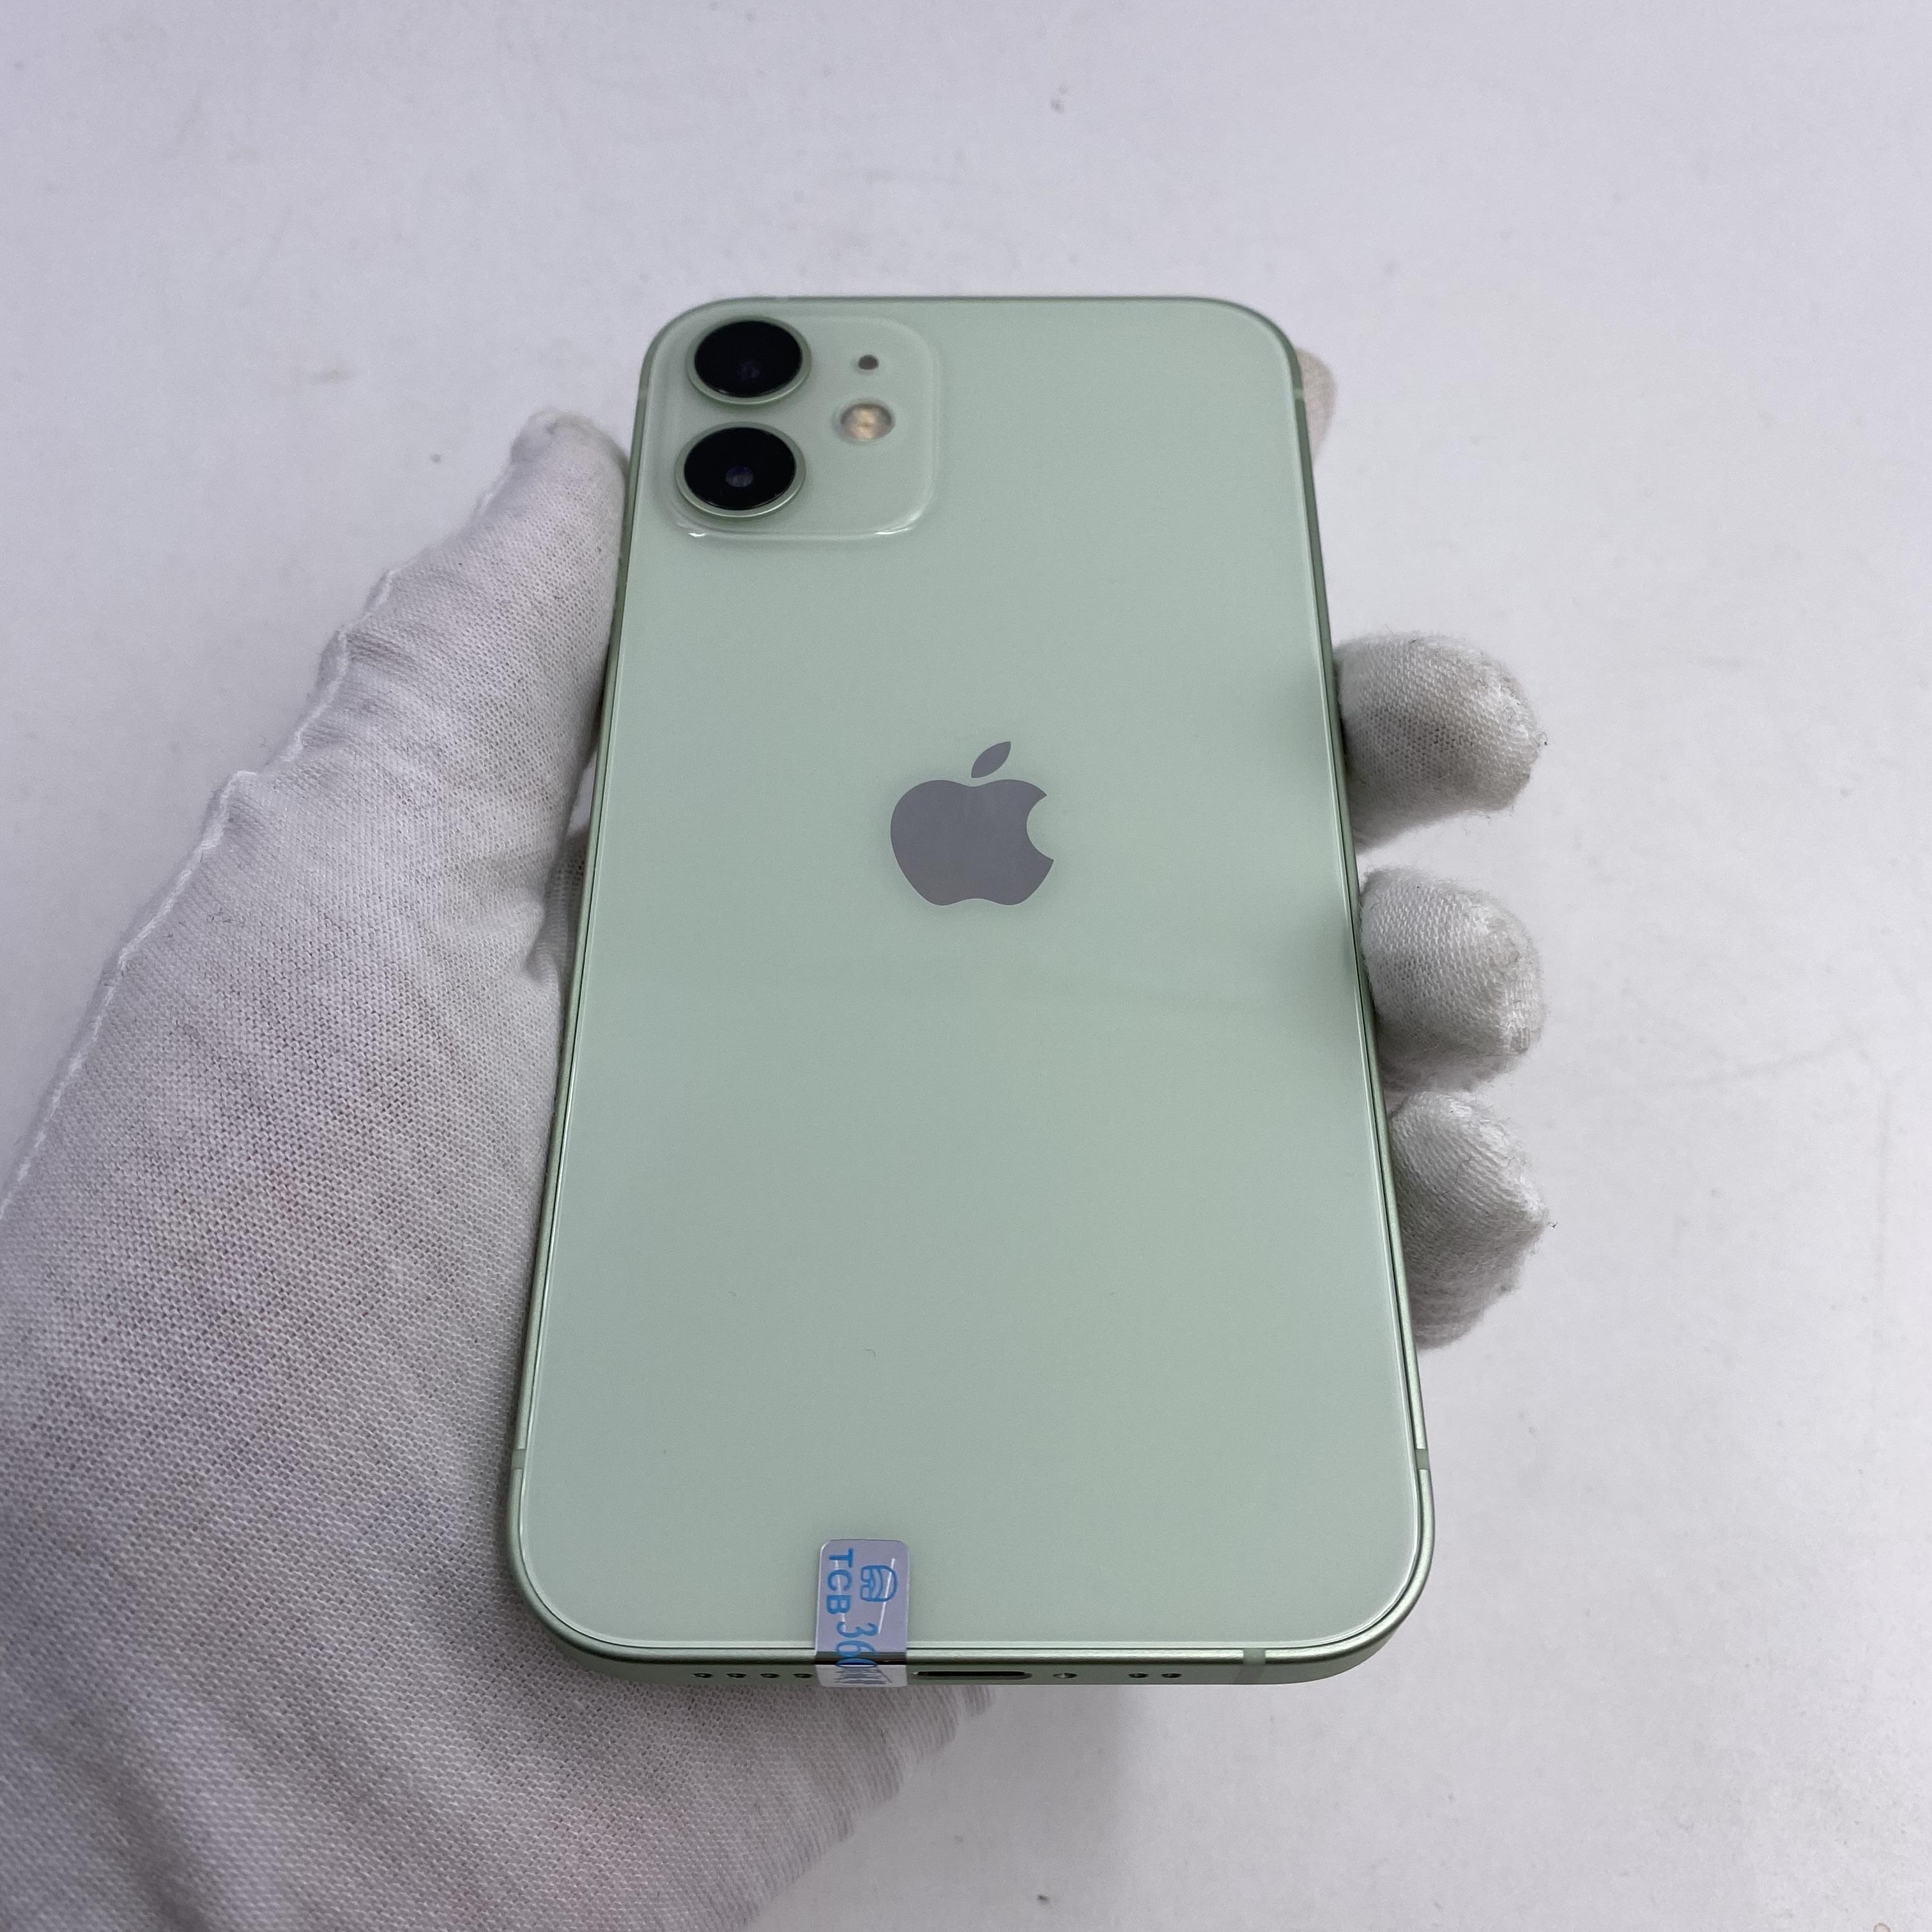 苹果【iPhone 12 mini】5G全网通 绿色 128G 国行 95新